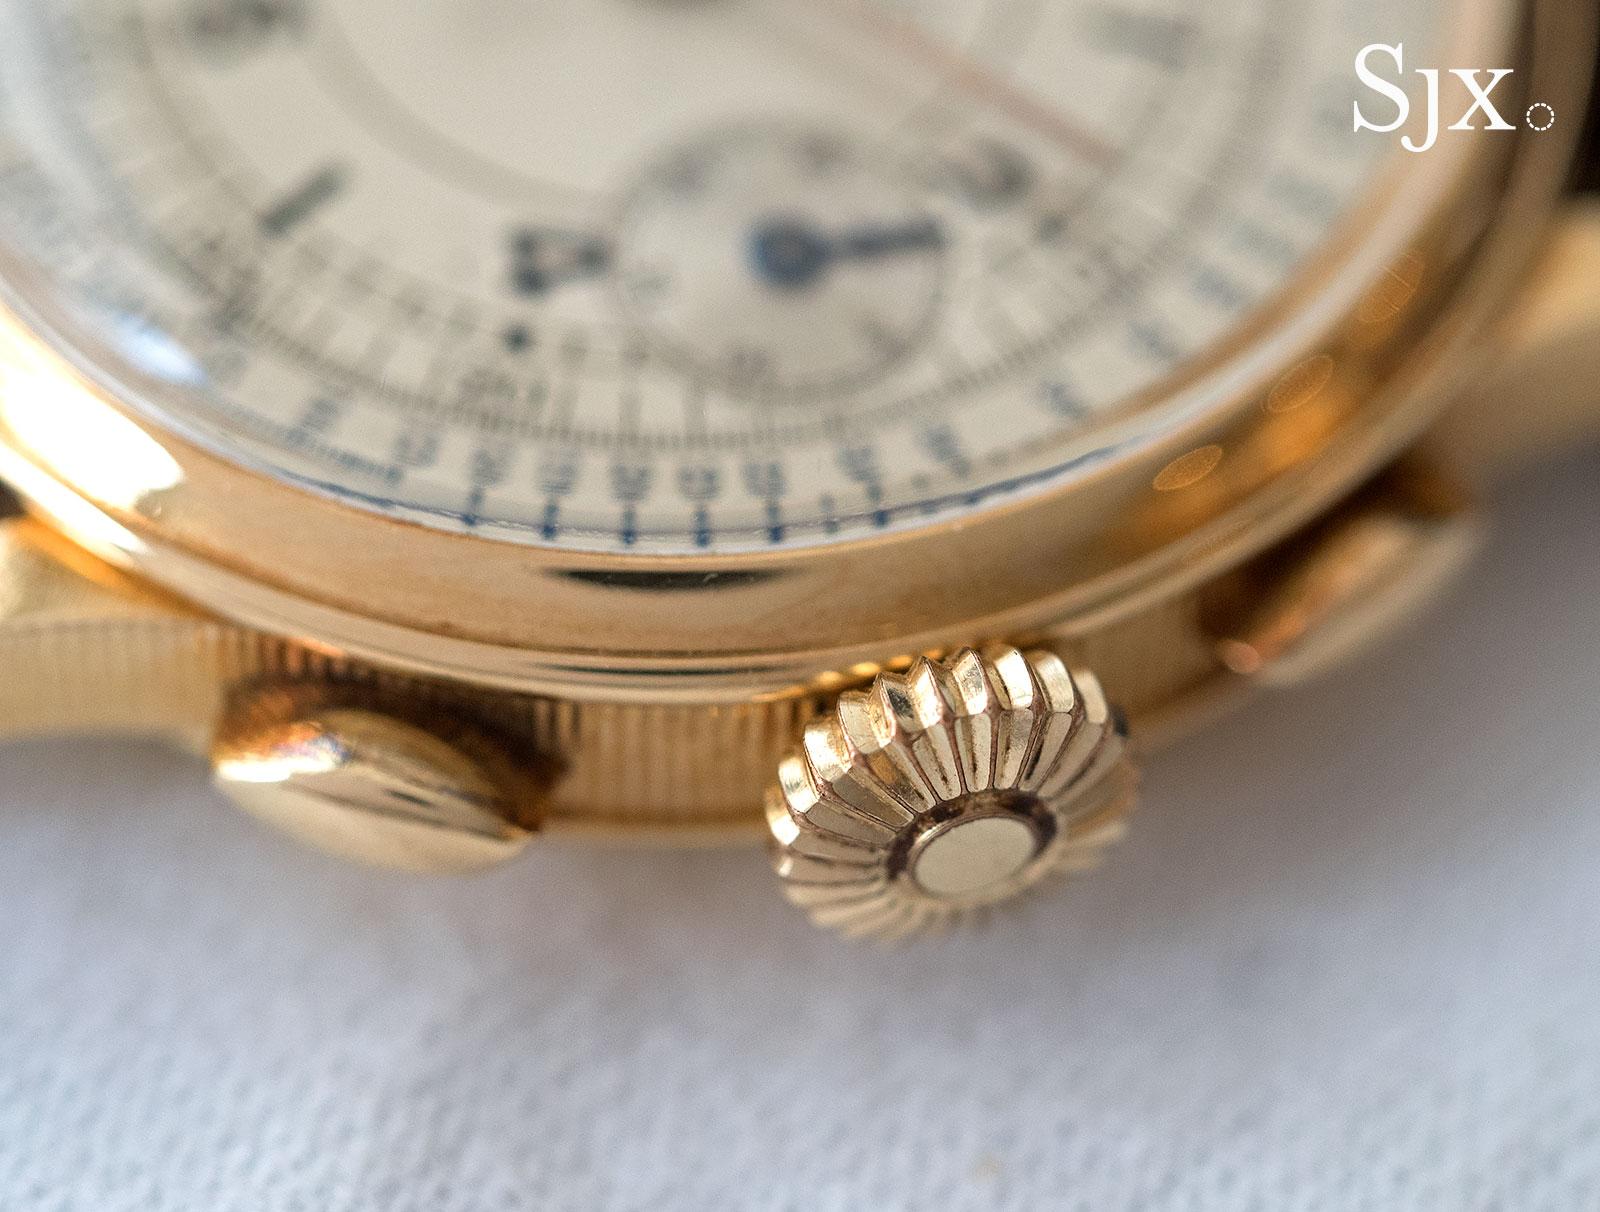 Breguet chronograph sector dial 2